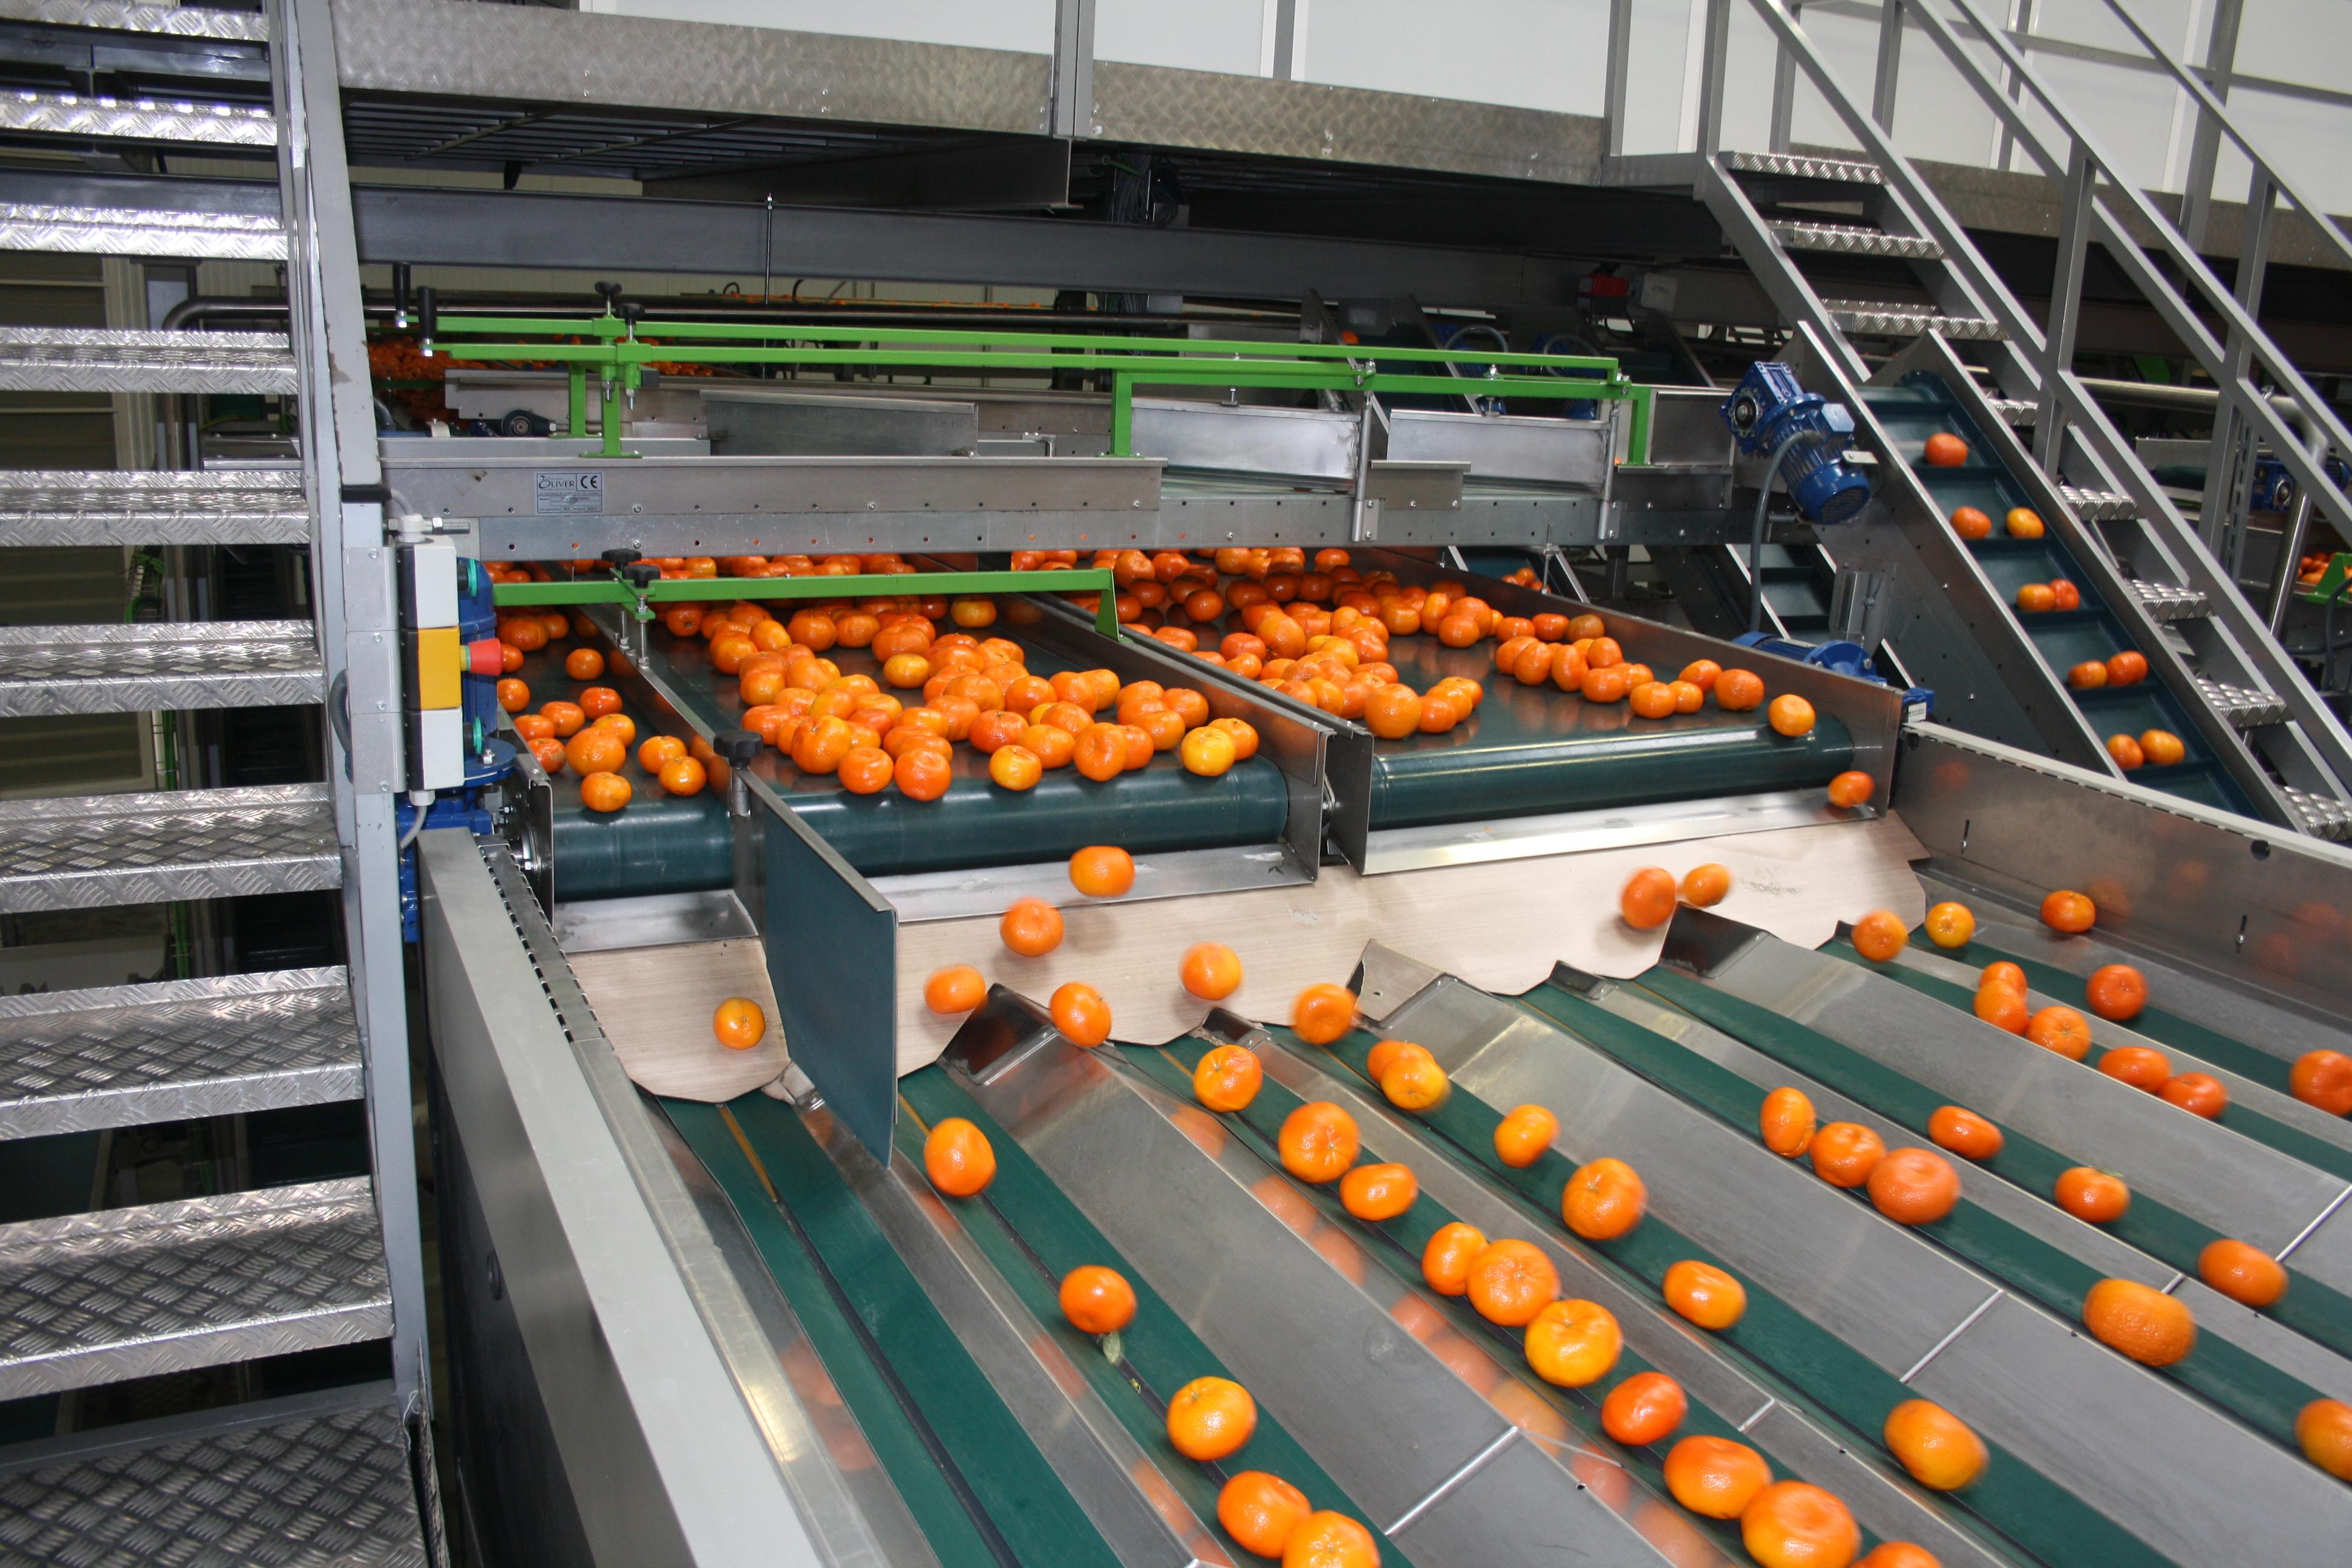 Frutinter - clementinas